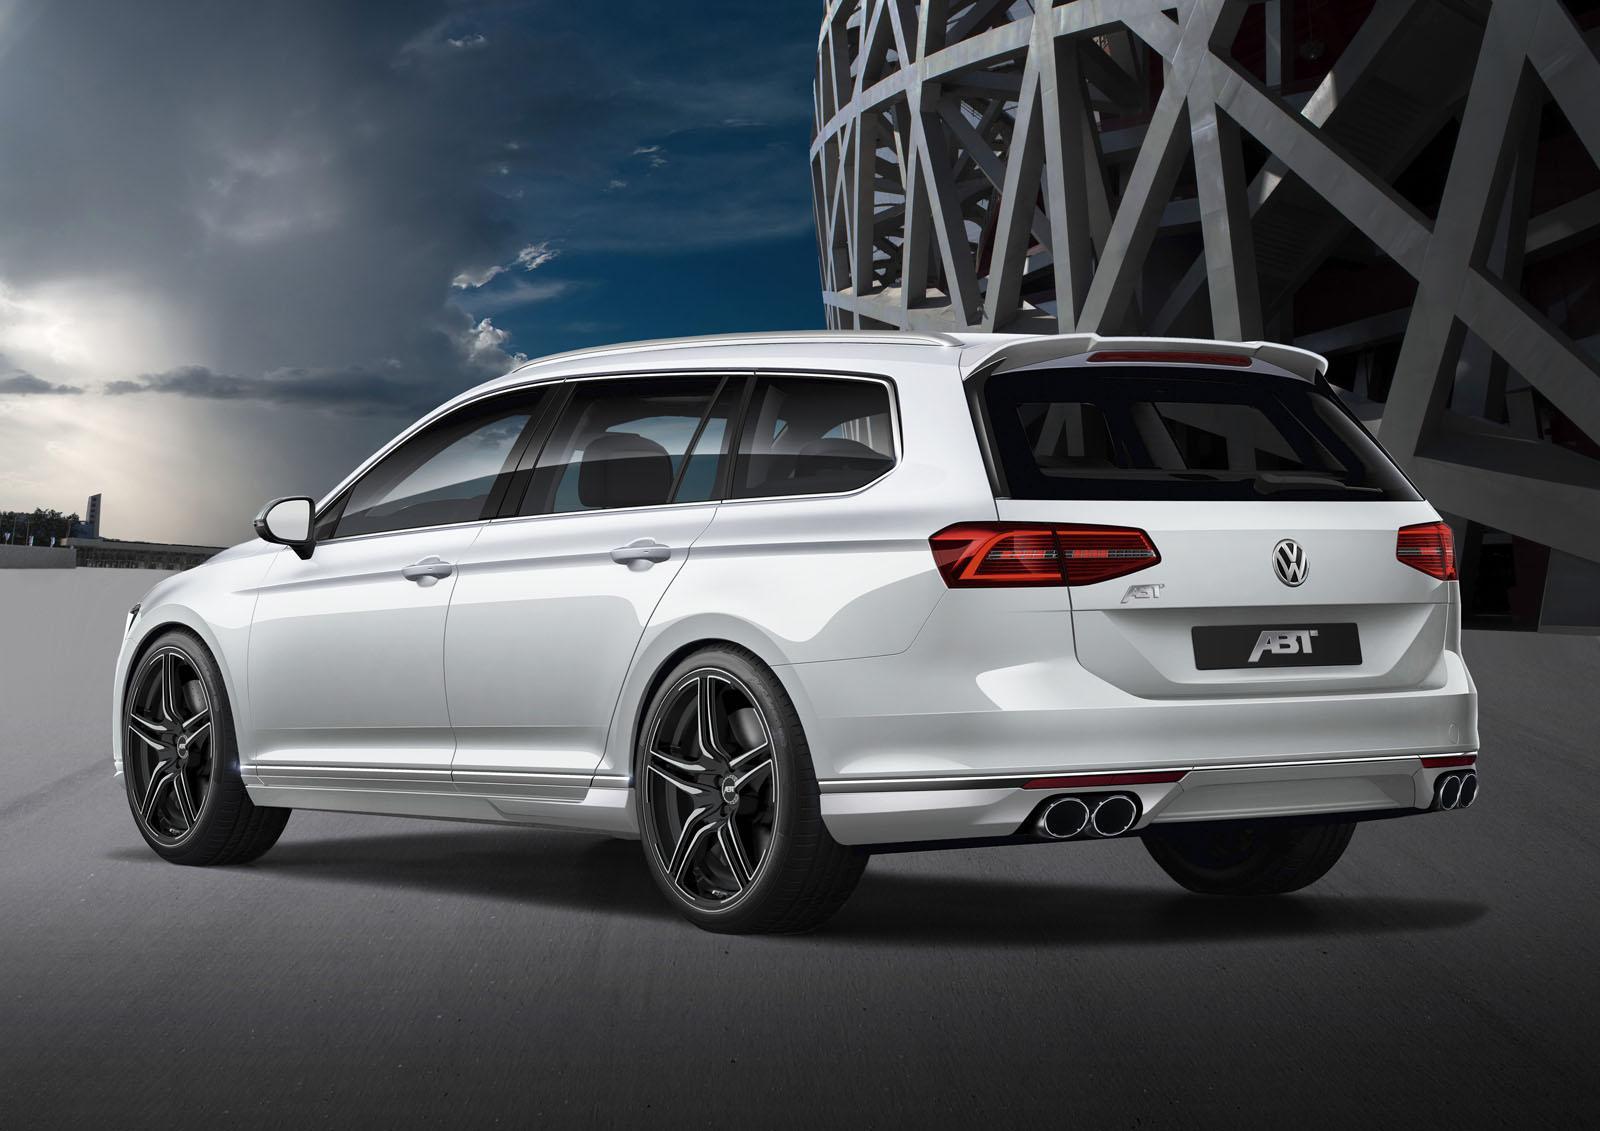 2015 Volkswagen Passat 2 0 Bitdi Tuned To 280 Hp By Abt Sportsline Autoevolution